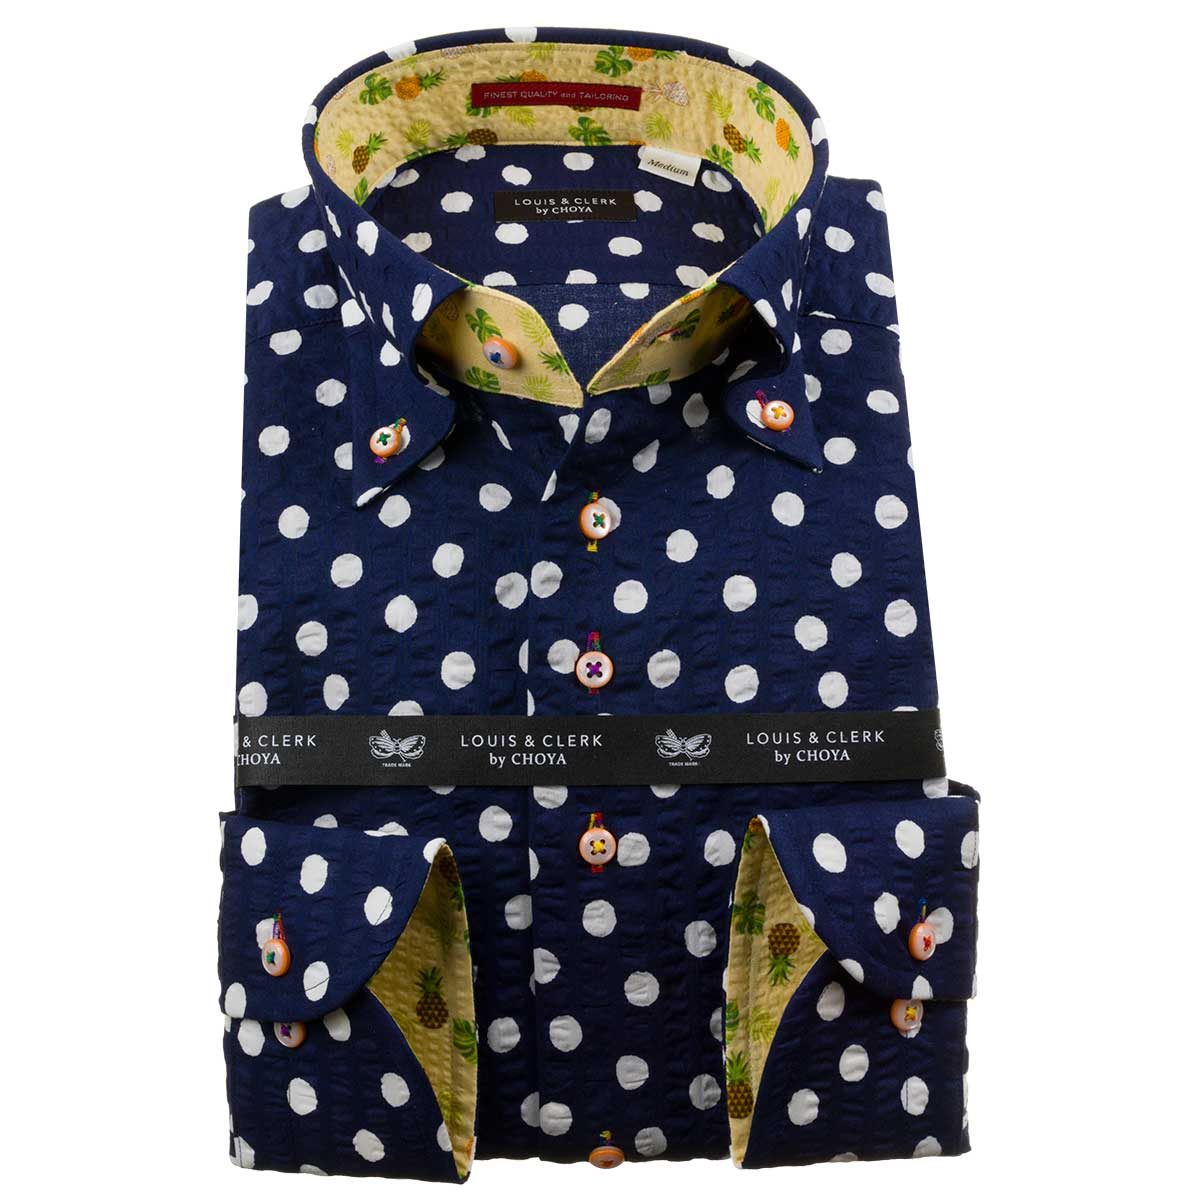 ドレスシャツ ワイシャツ シャツ メンズ 国産 長袖 純綿100% ボタンダウン ネイビーシアサッカーストライプ・水玉プリント 1911 fs3gm